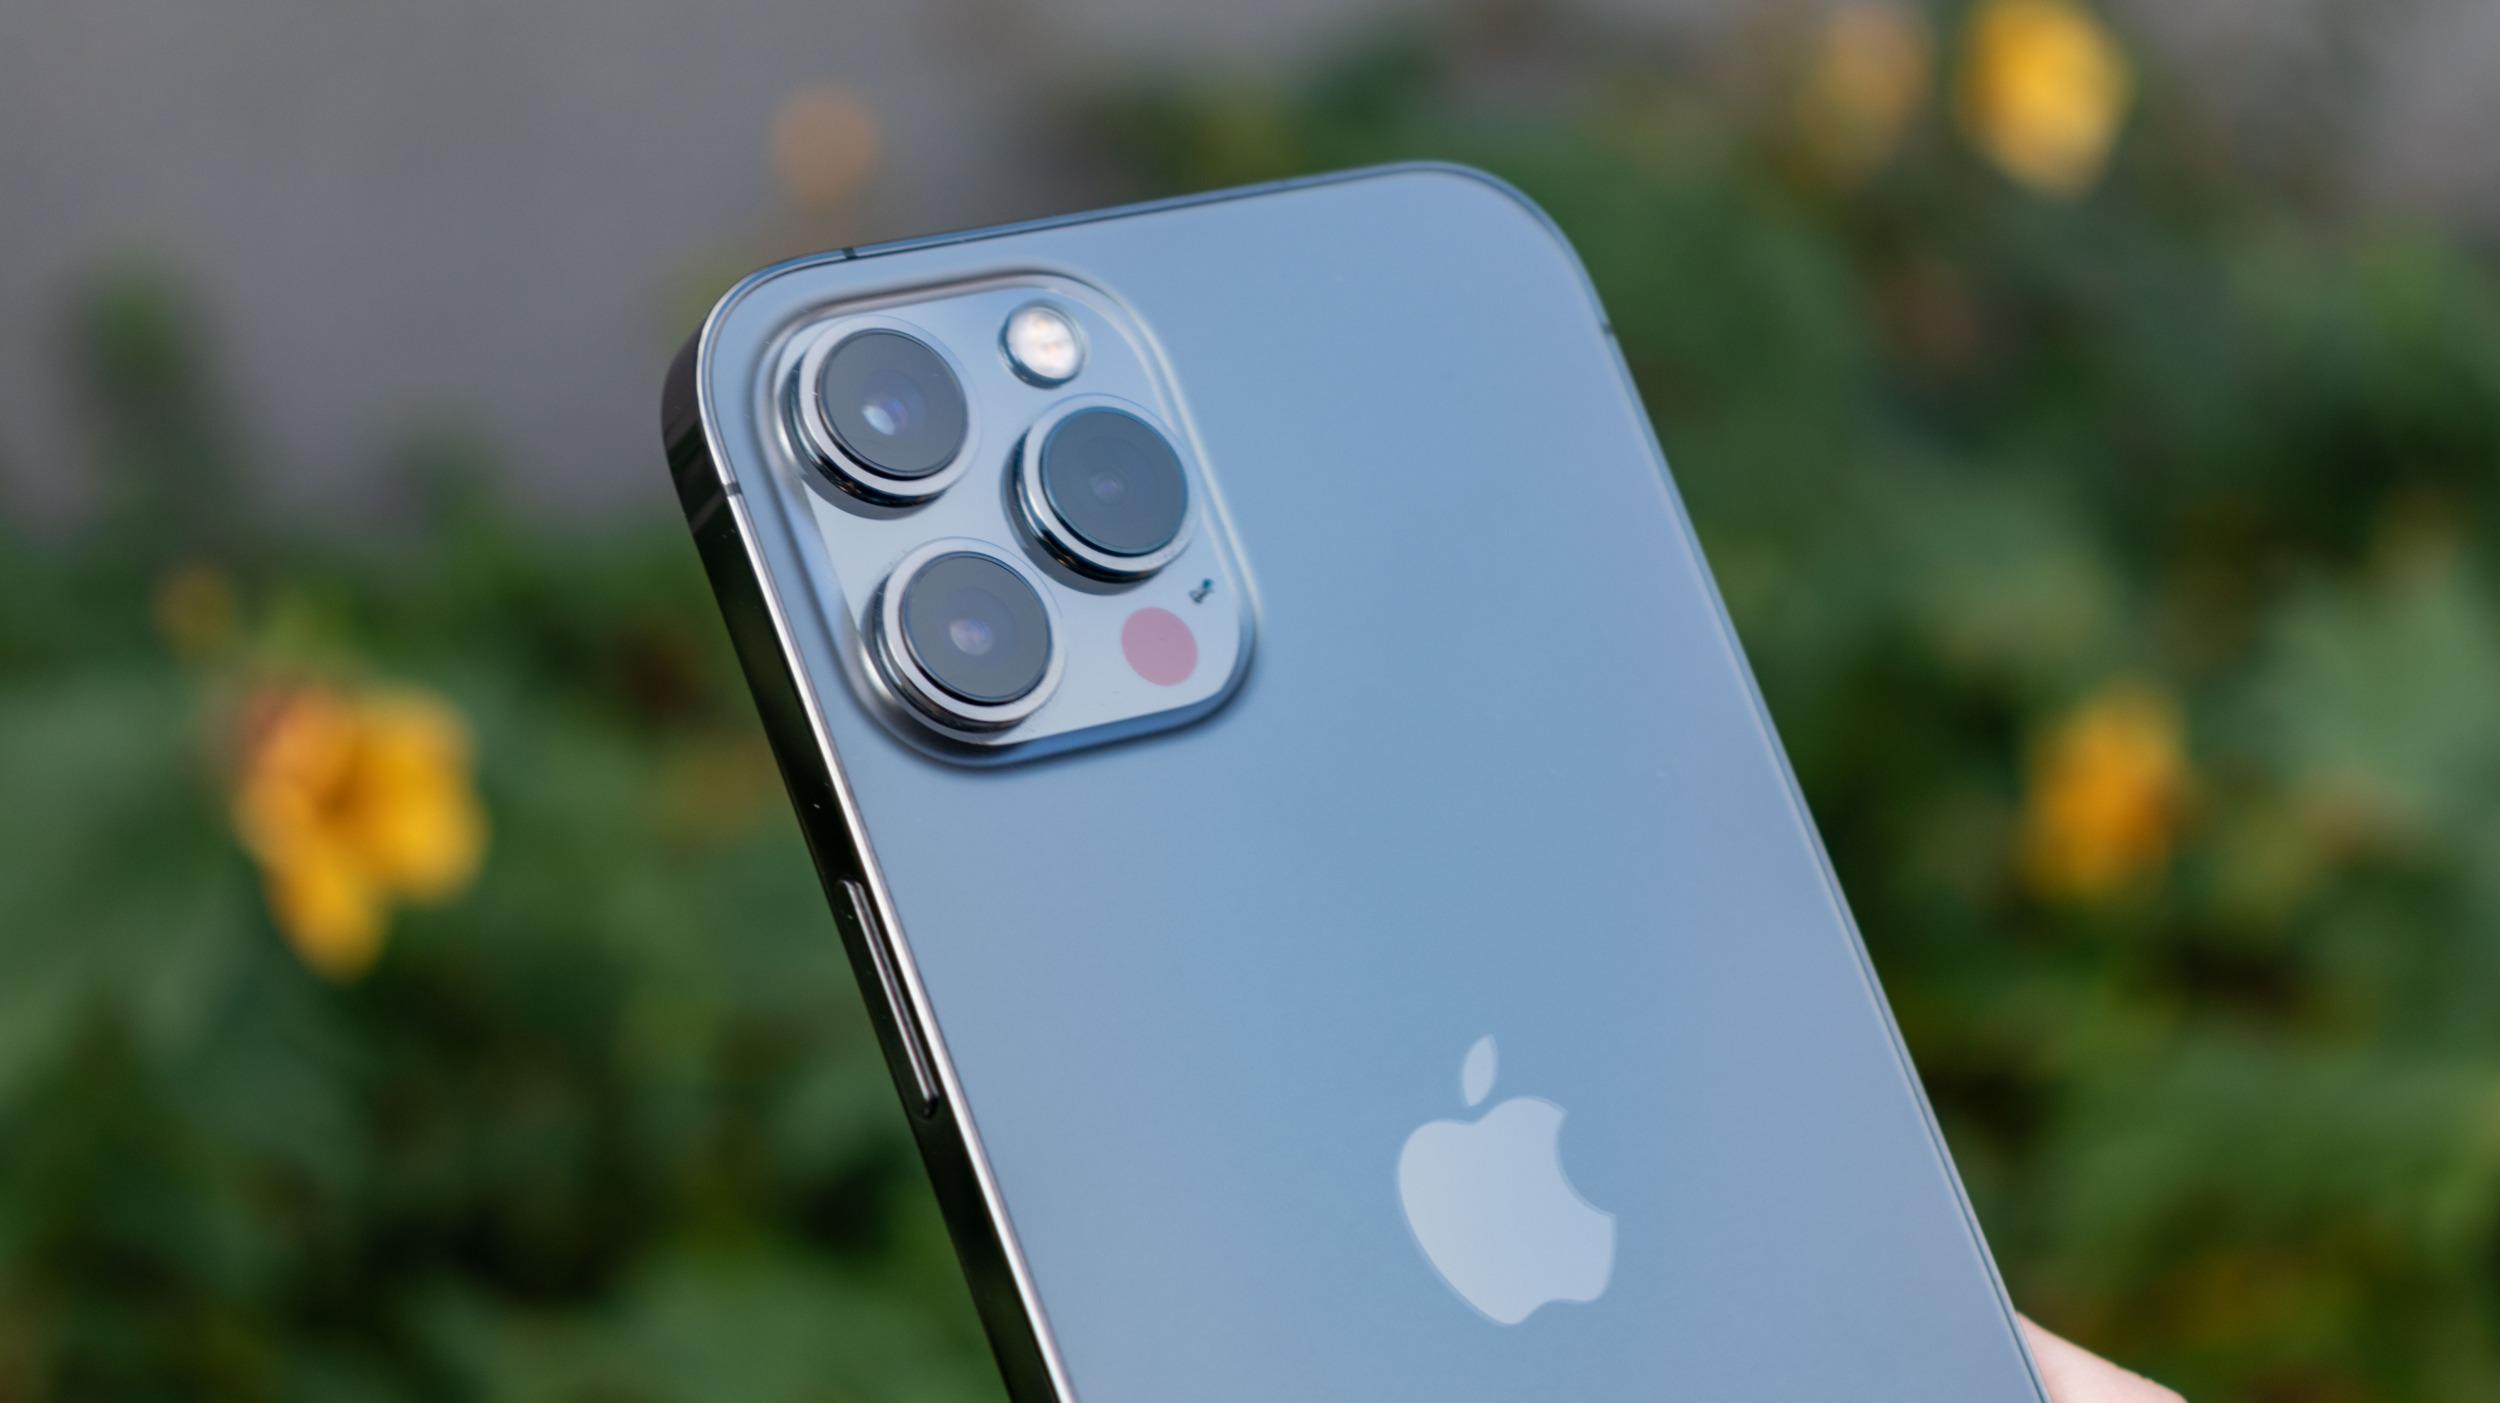 Apple údajně testuje kompletně bezdrátový iPhone